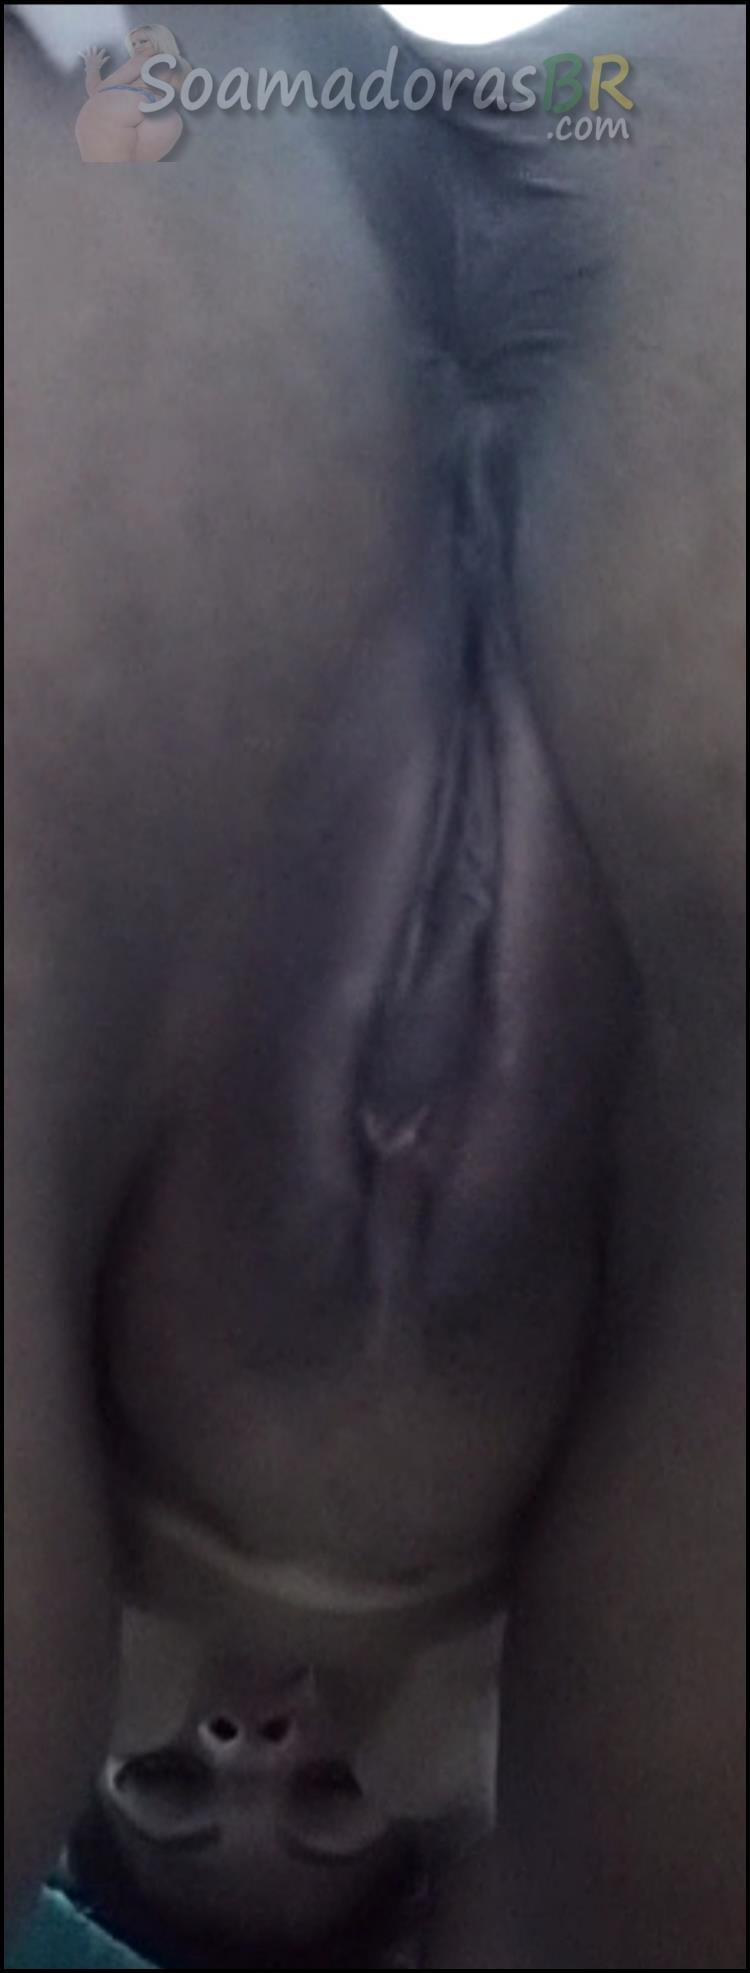 Tesao-de-mulher-pelada-com-marquinhas-4